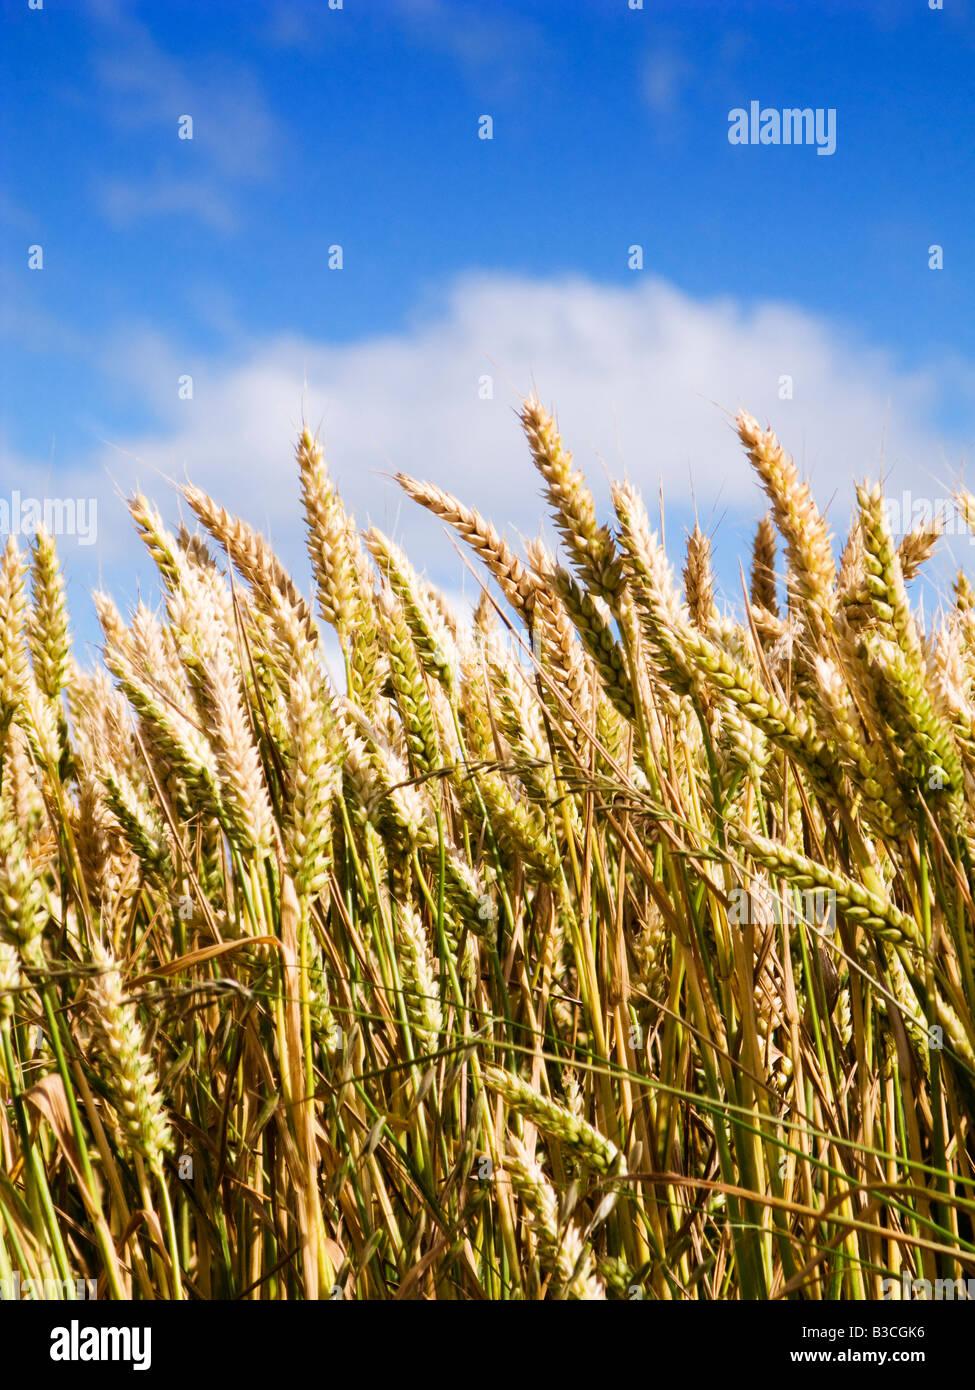 Près de blé contre un ciel bleu en été Photo Stock